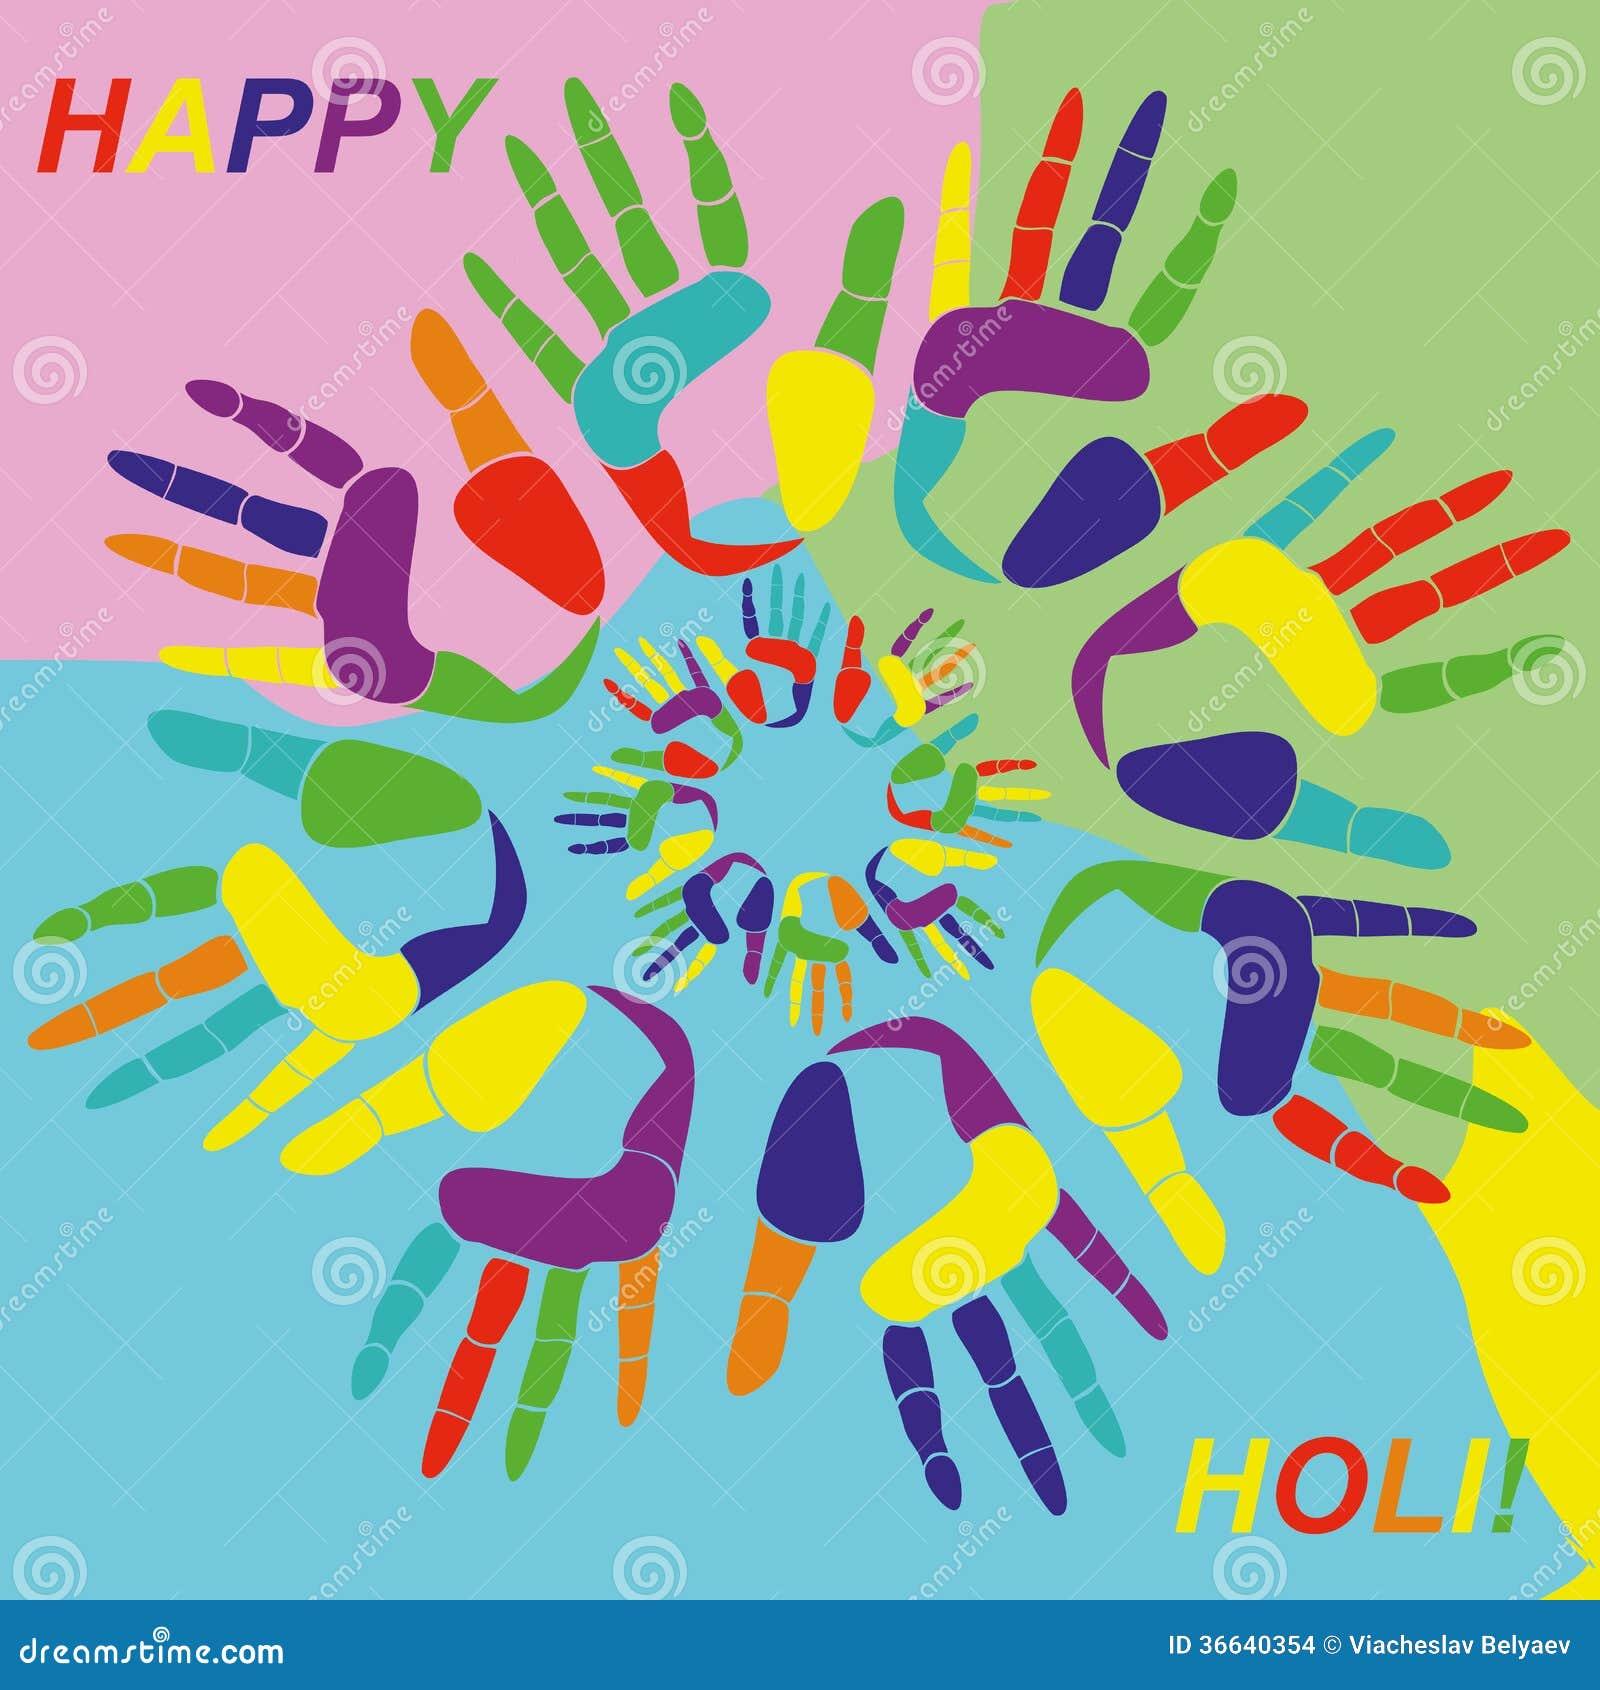 Holi Greeting Card Stock Photo Image Of Indian Holi 36640354